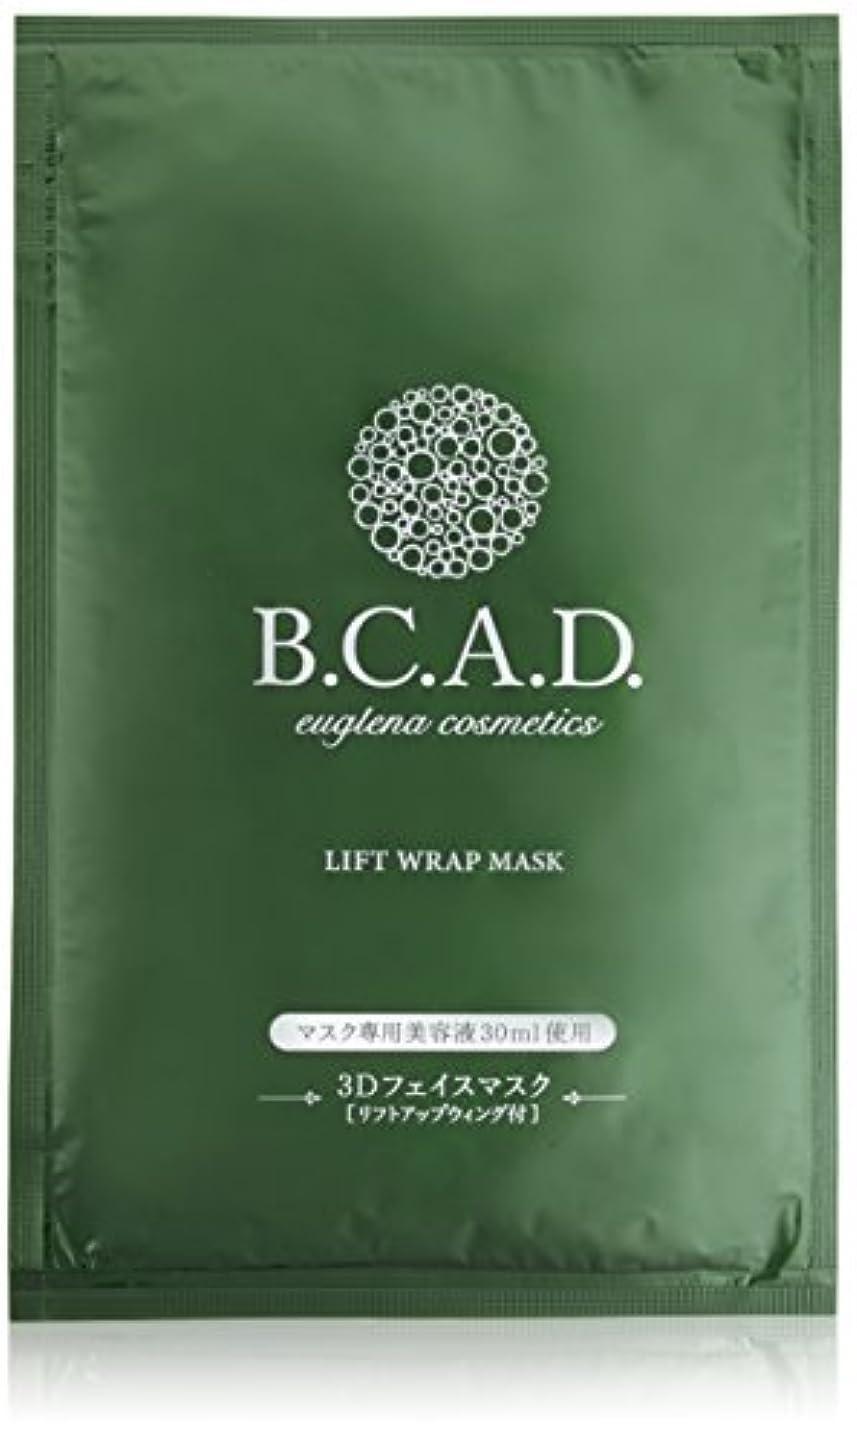 方向インタビュー快適ビーシーエーディー B.C.A.D. リフトラップマスク 1枚